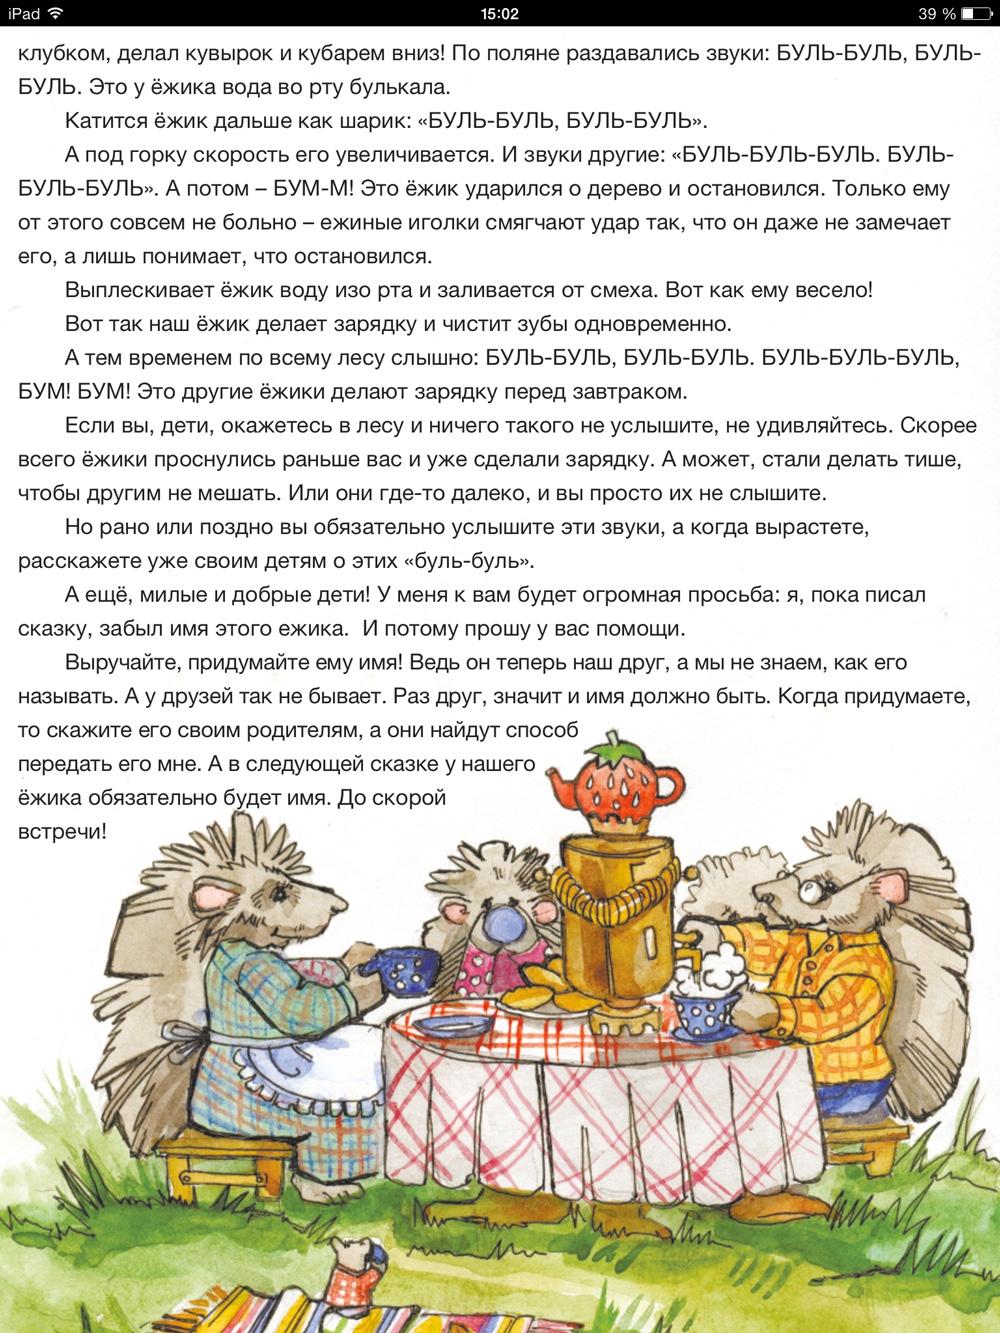 Skazki-Druznogo-lesa-5